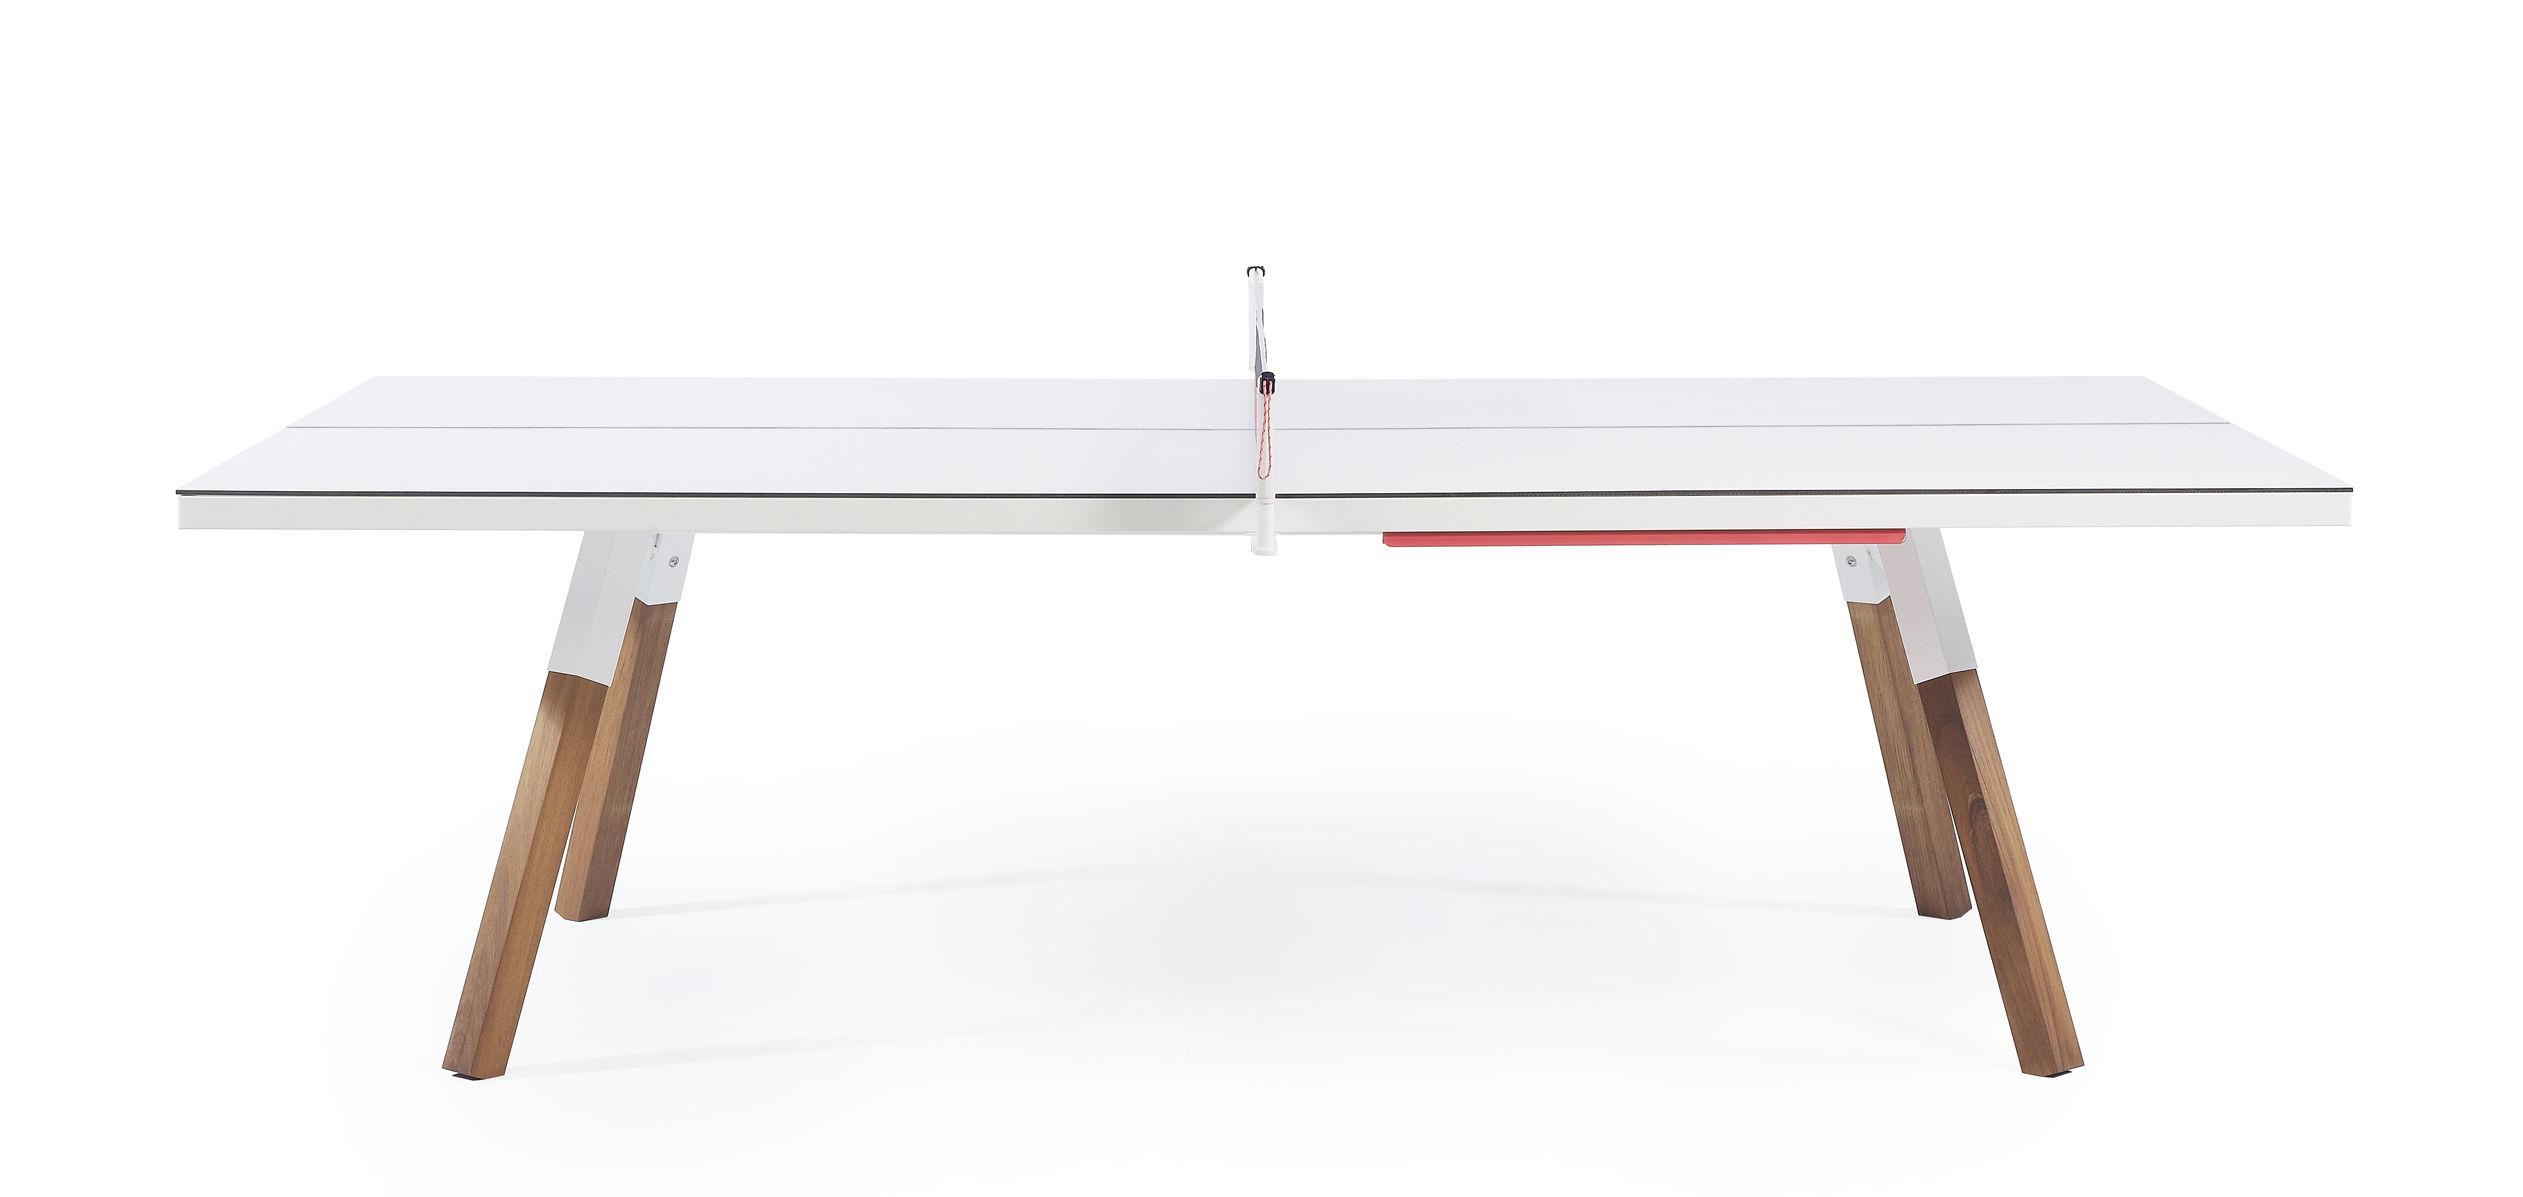 Scopri tavolo y m l 274 cm tavolo da ping pong da - Materiale tavolo ping pong ...